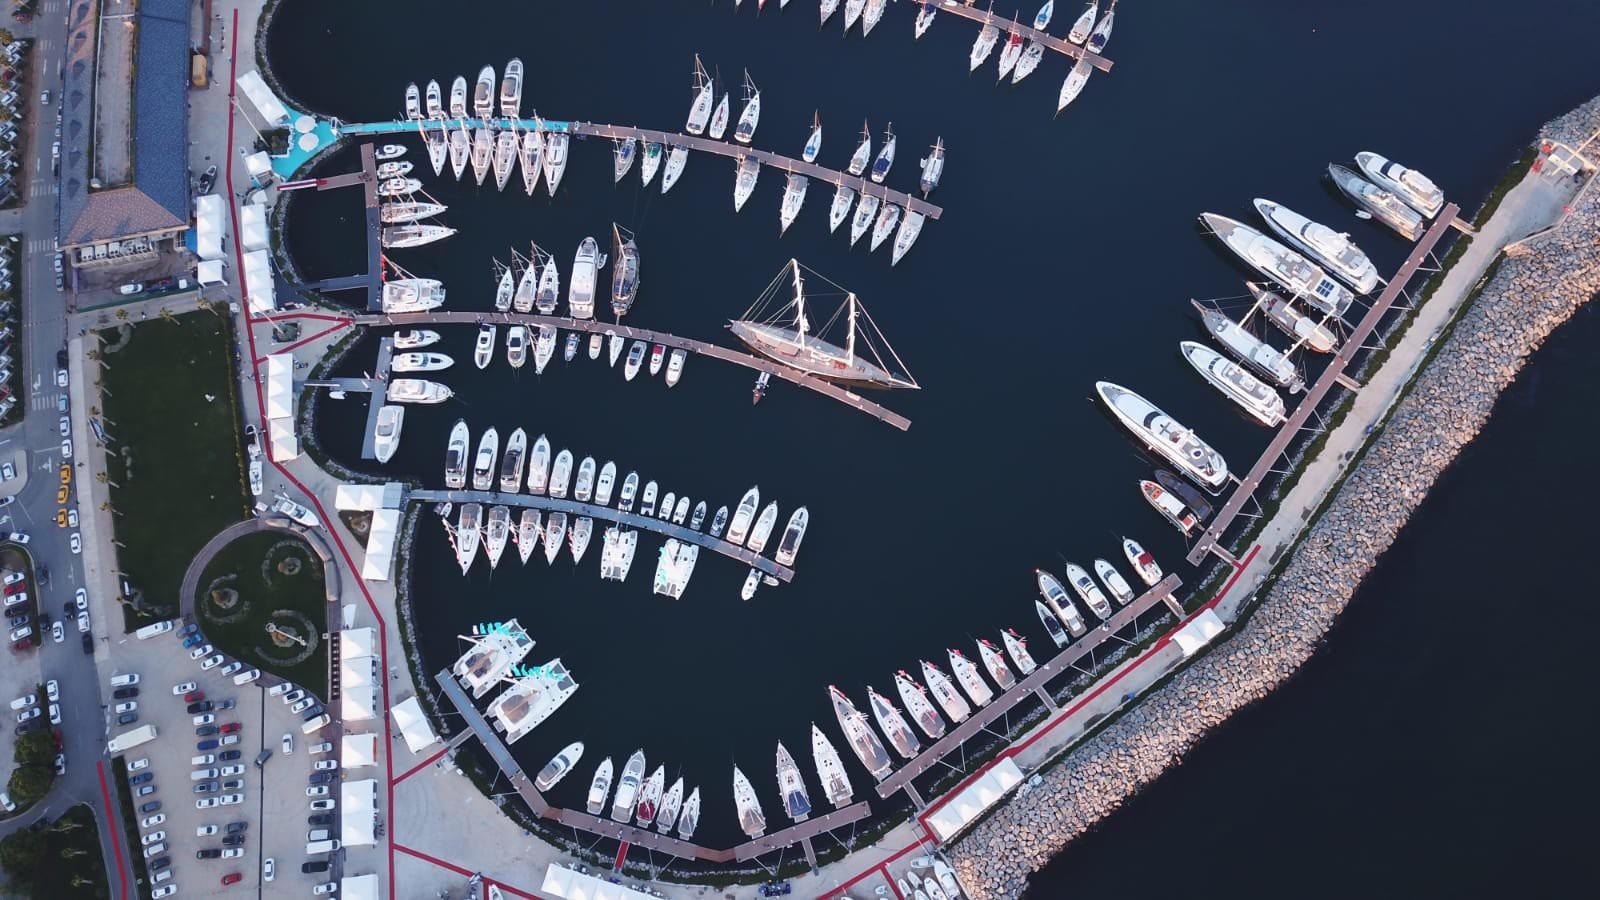 Viaport Marina'da gün boyu alışveriş, Tema park eğlencesi, Akvaryum macerası, sinema ve benzeri birçok etkinliği bir arada sunuluyor. (Fotoğraf: İstanbul Tuzla Viaport)